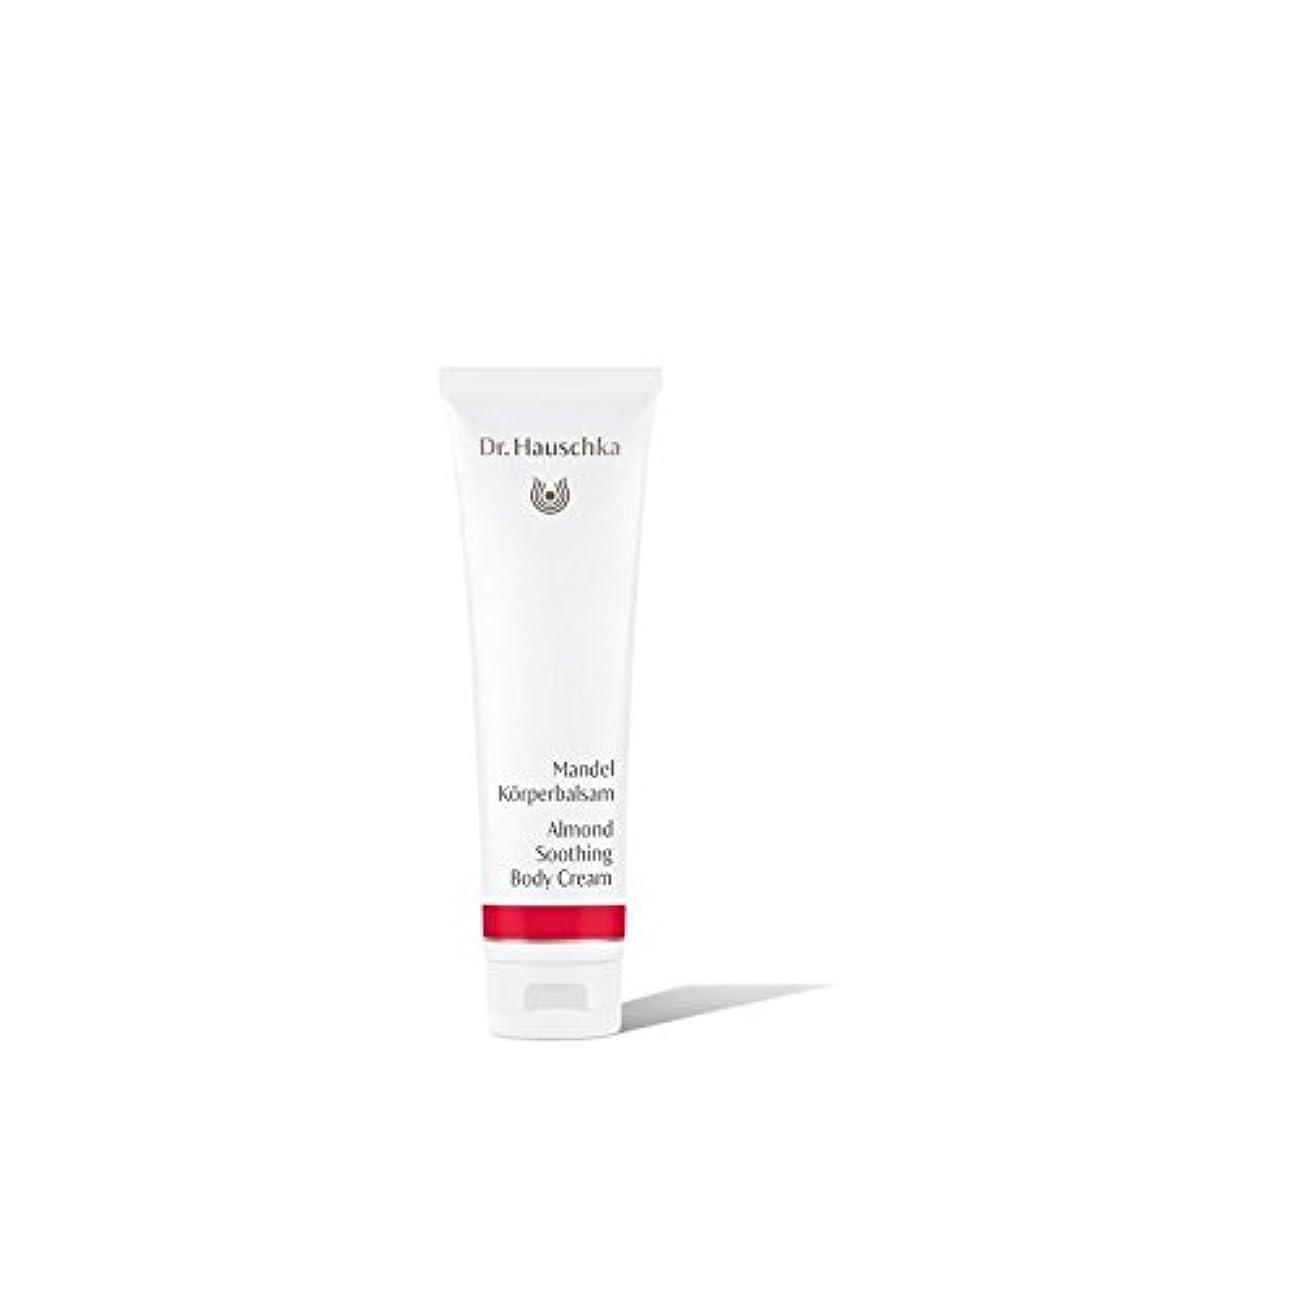 違法被害者なめるDr. Hauschka Almond Soothing Body Cream (145ml) - ハウシュカアーモンドなだめるボディクリーム(145ミリリットル) [並行輸入品]